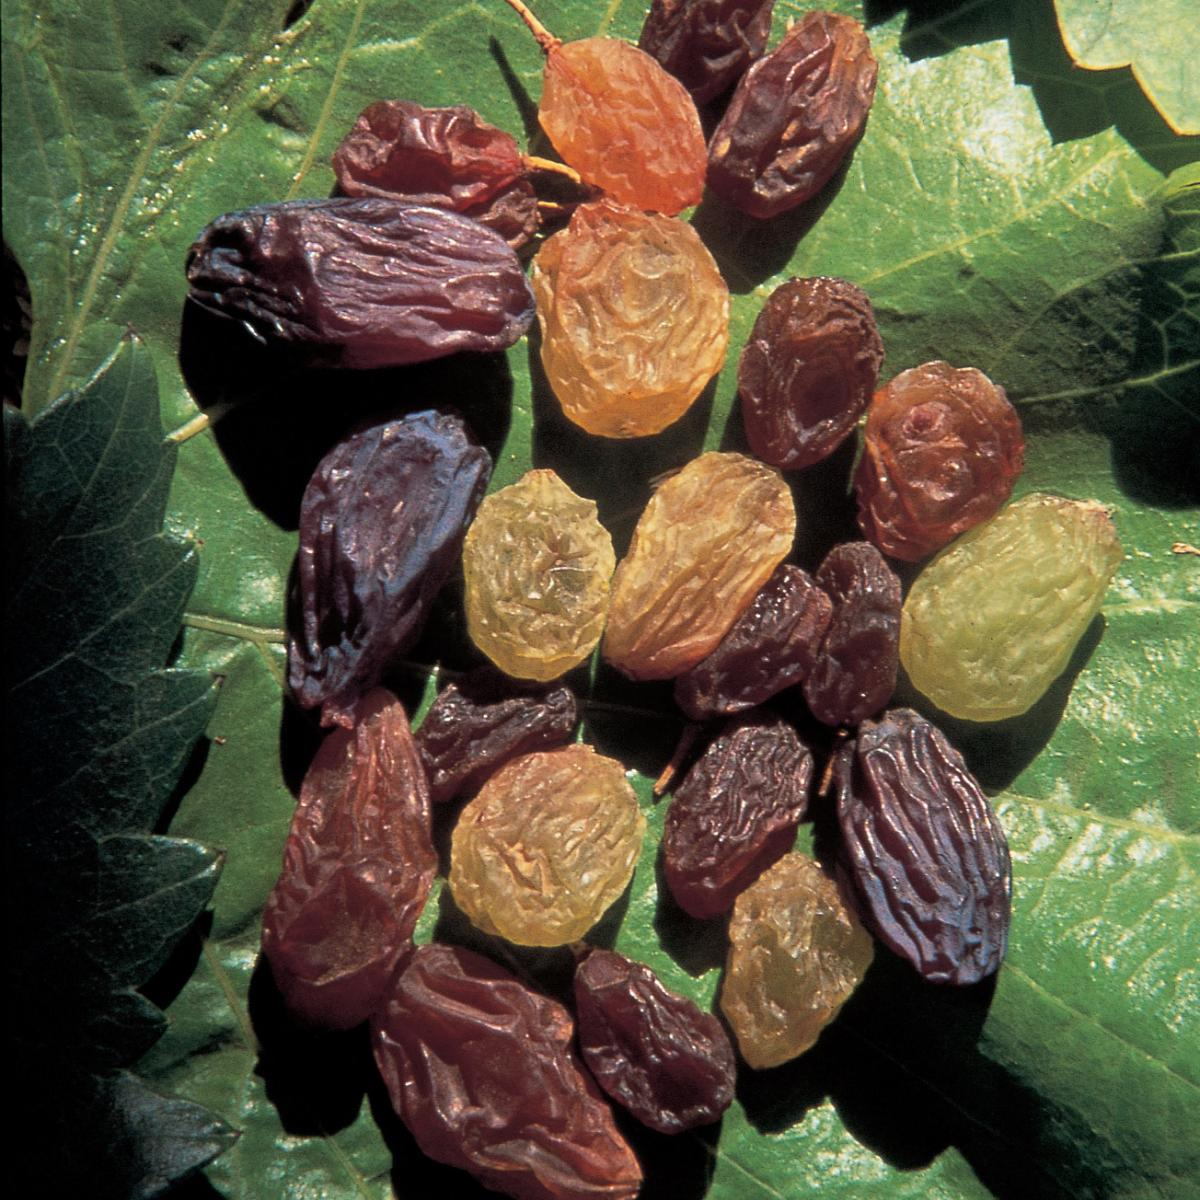 Ingredient vegetarian raisins